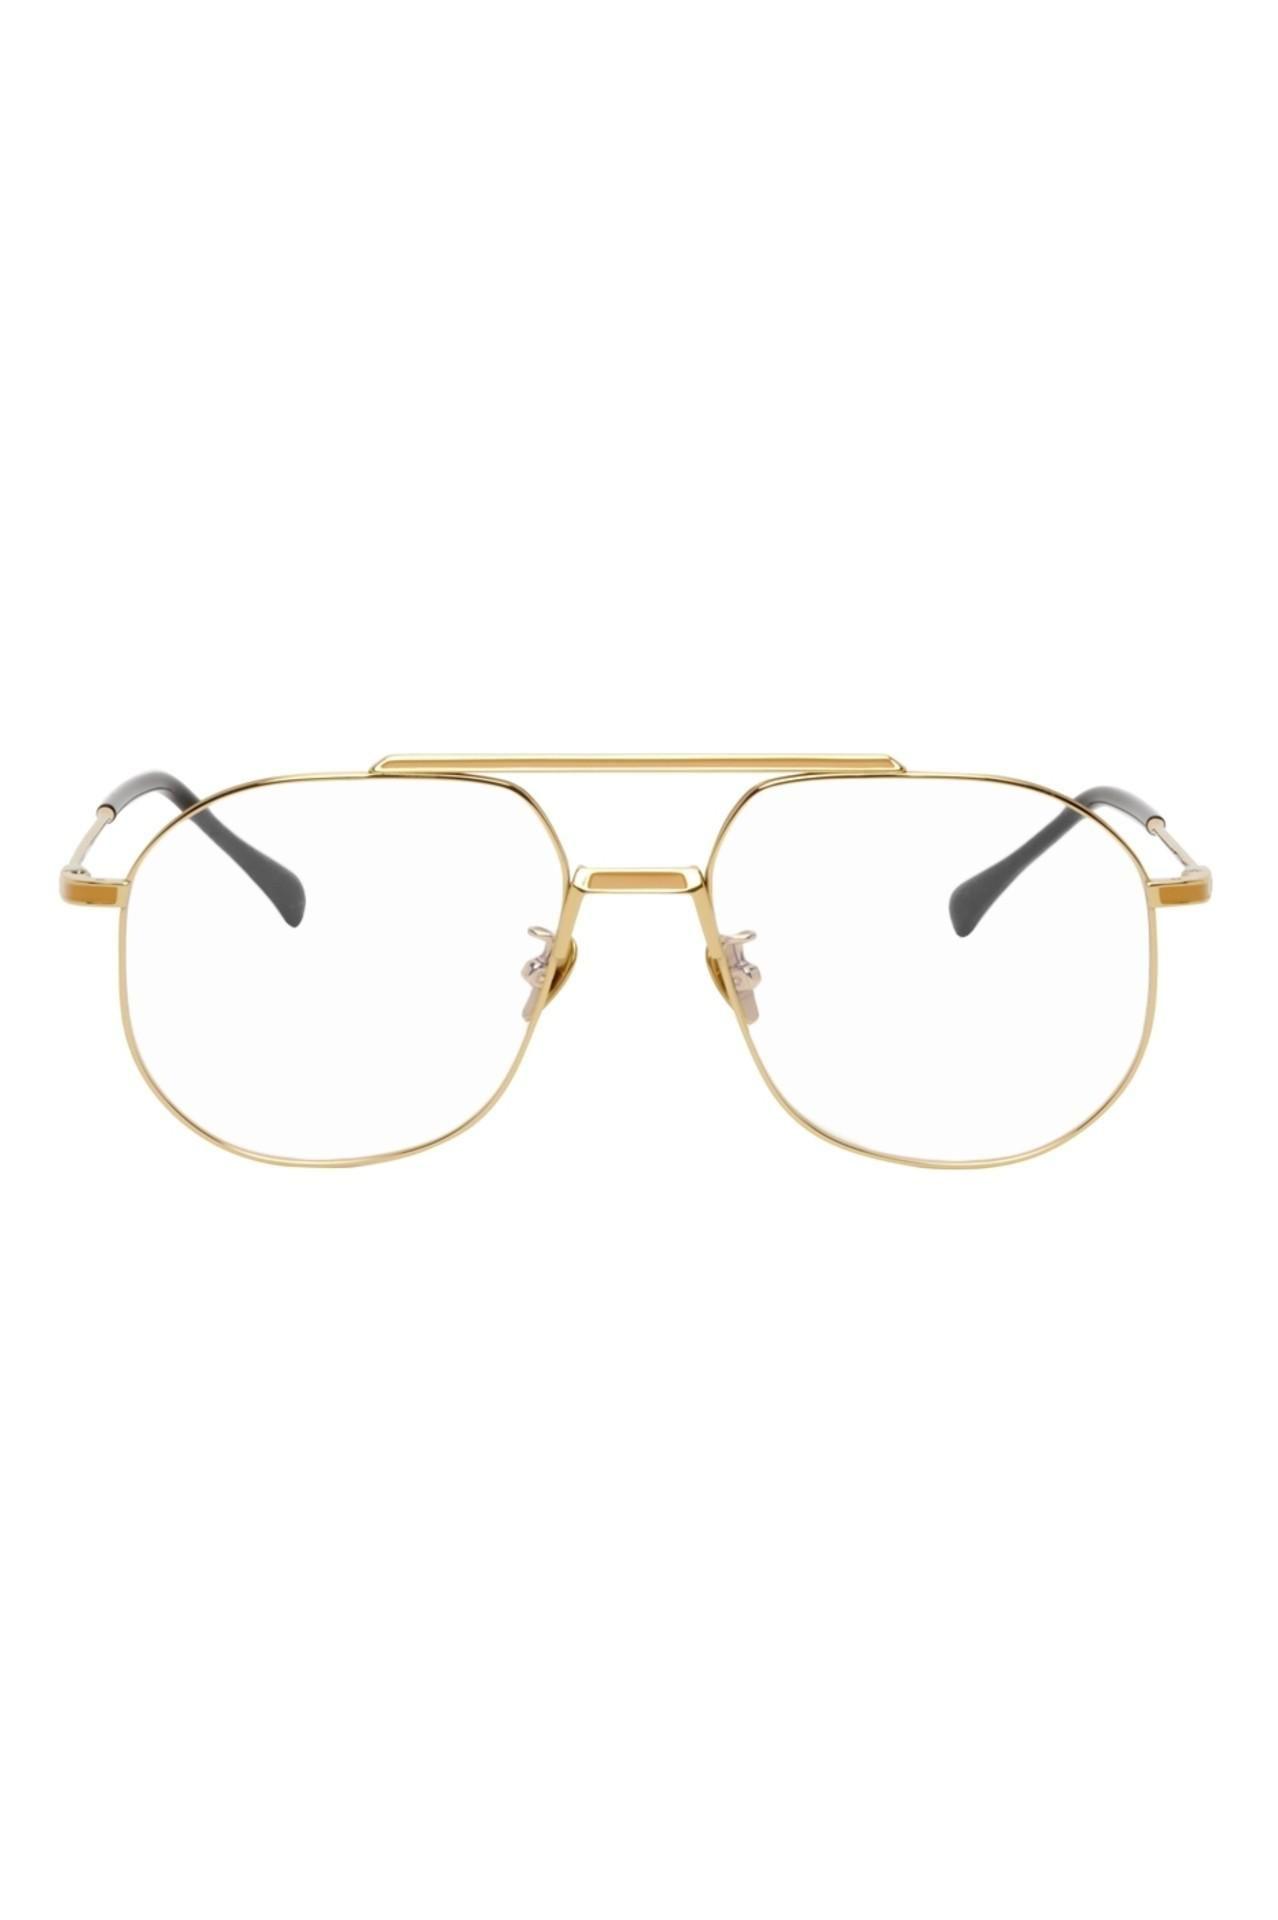 Gold Titanium Aviator Glasses